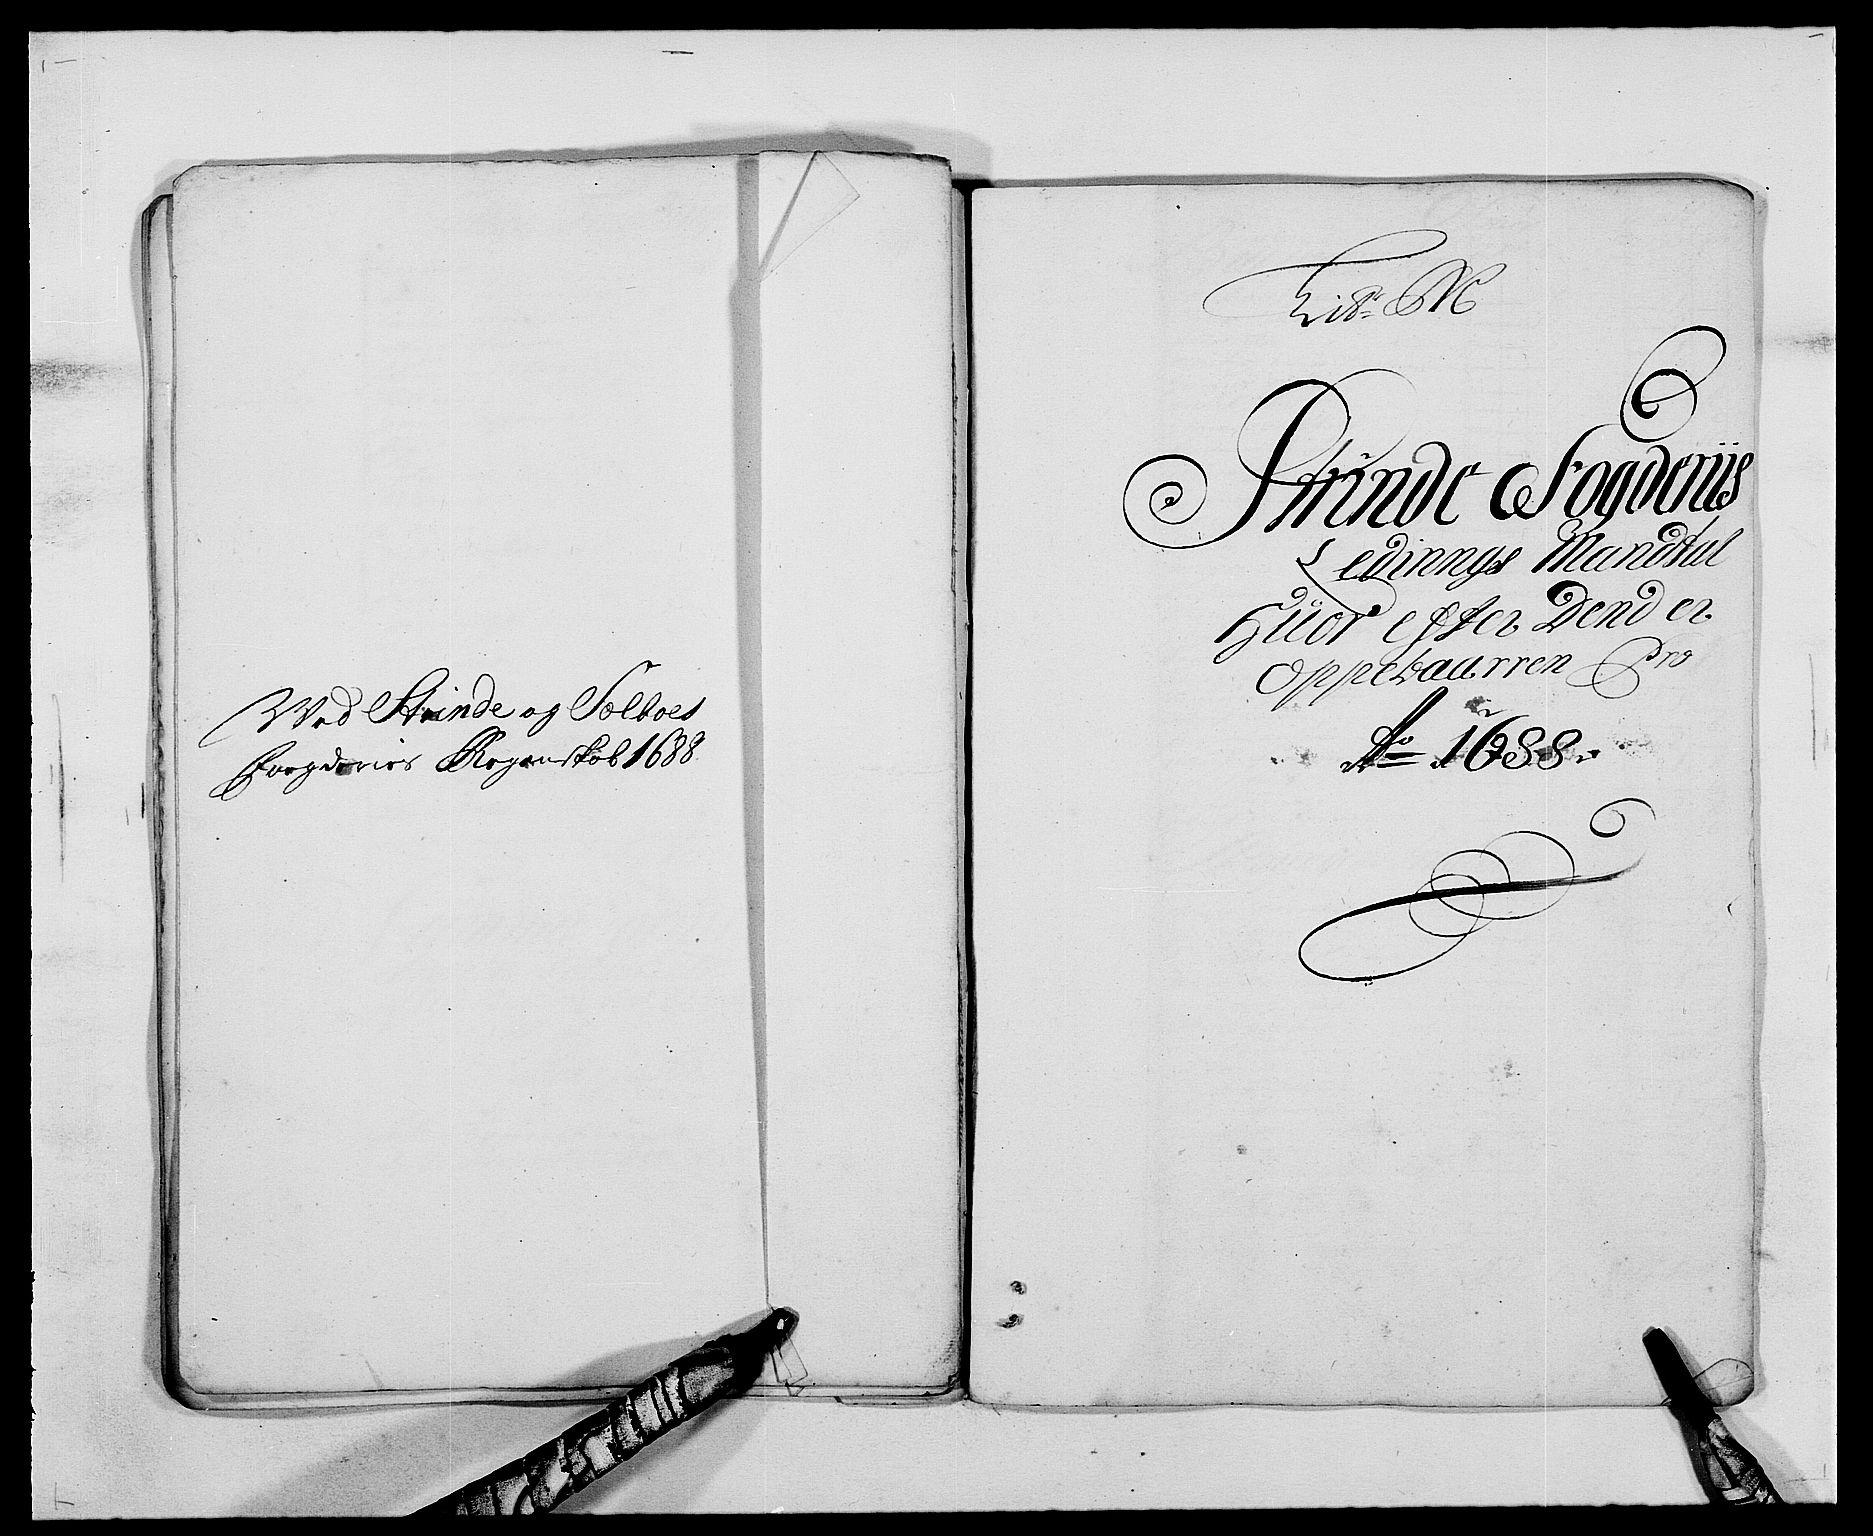 RA, Rentekammeret inntil 1814, Reviderte regnskaper, Fogderegnskap, R61/L4101: Fogderegnskap Strinda og Selbu, 1687-1688, s. 224